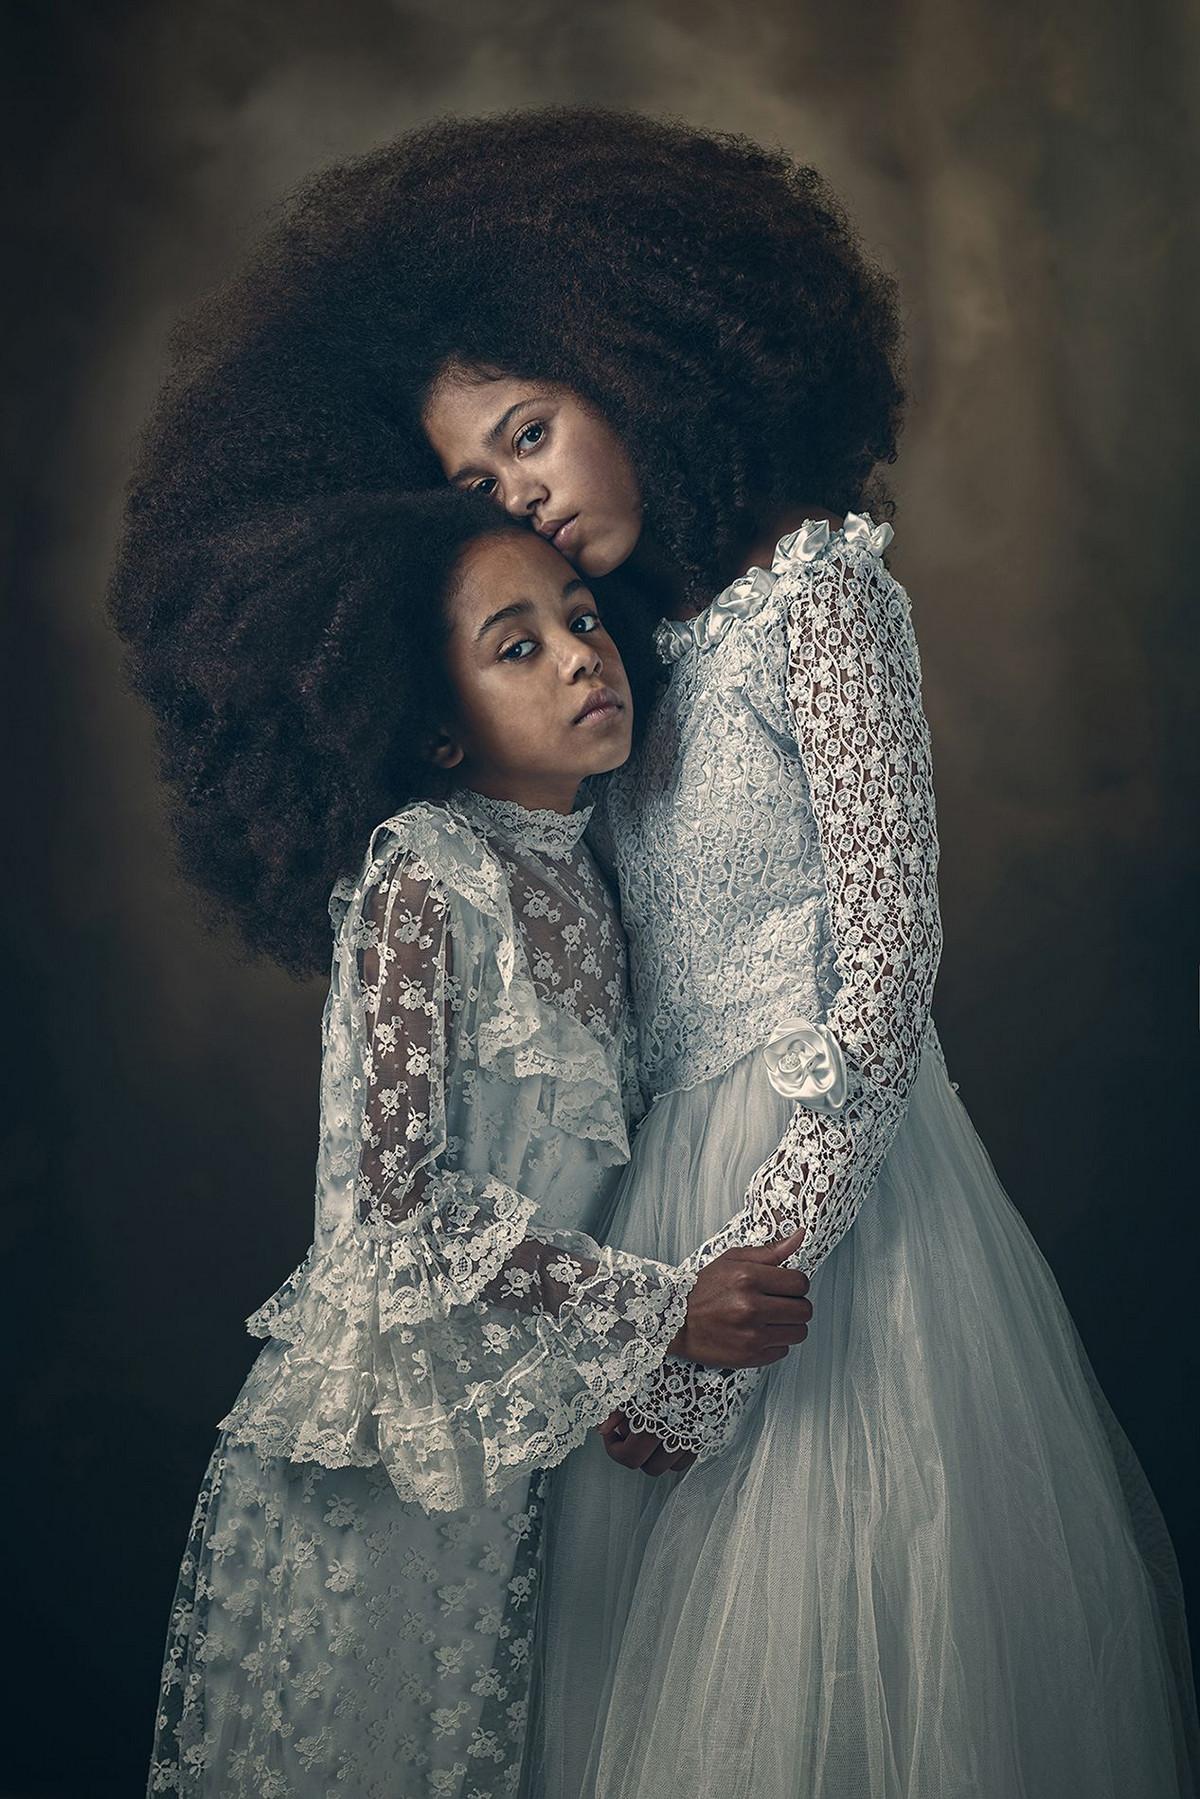 Сестринская любовь Автор фото: Ева Квикла.